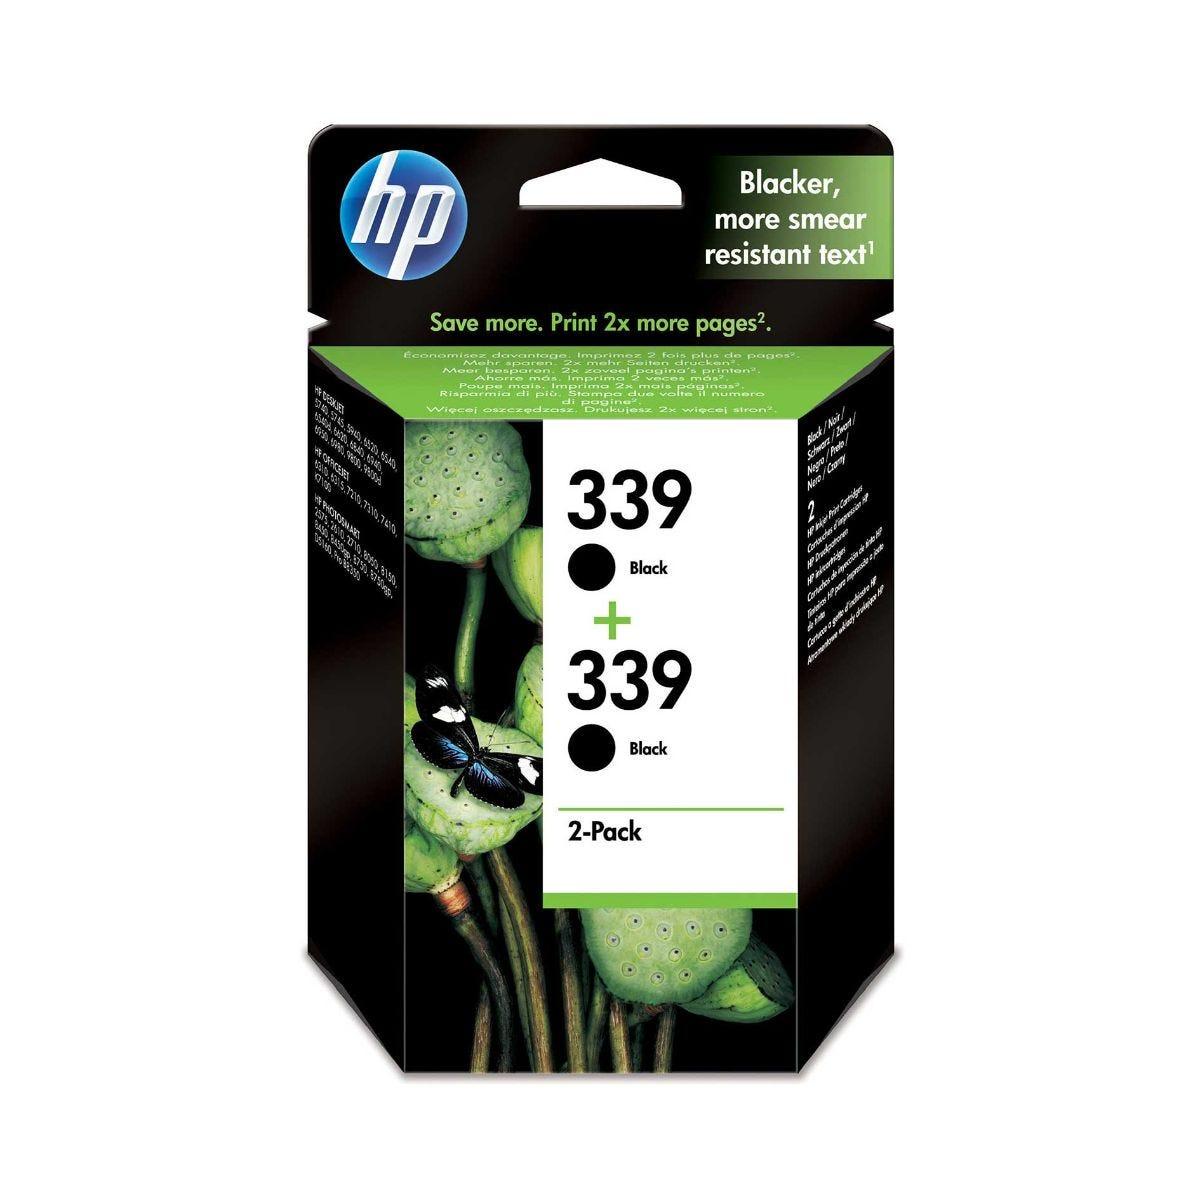 Image of HP 339 Ink Cartridge Pack of 2 21ml, Black